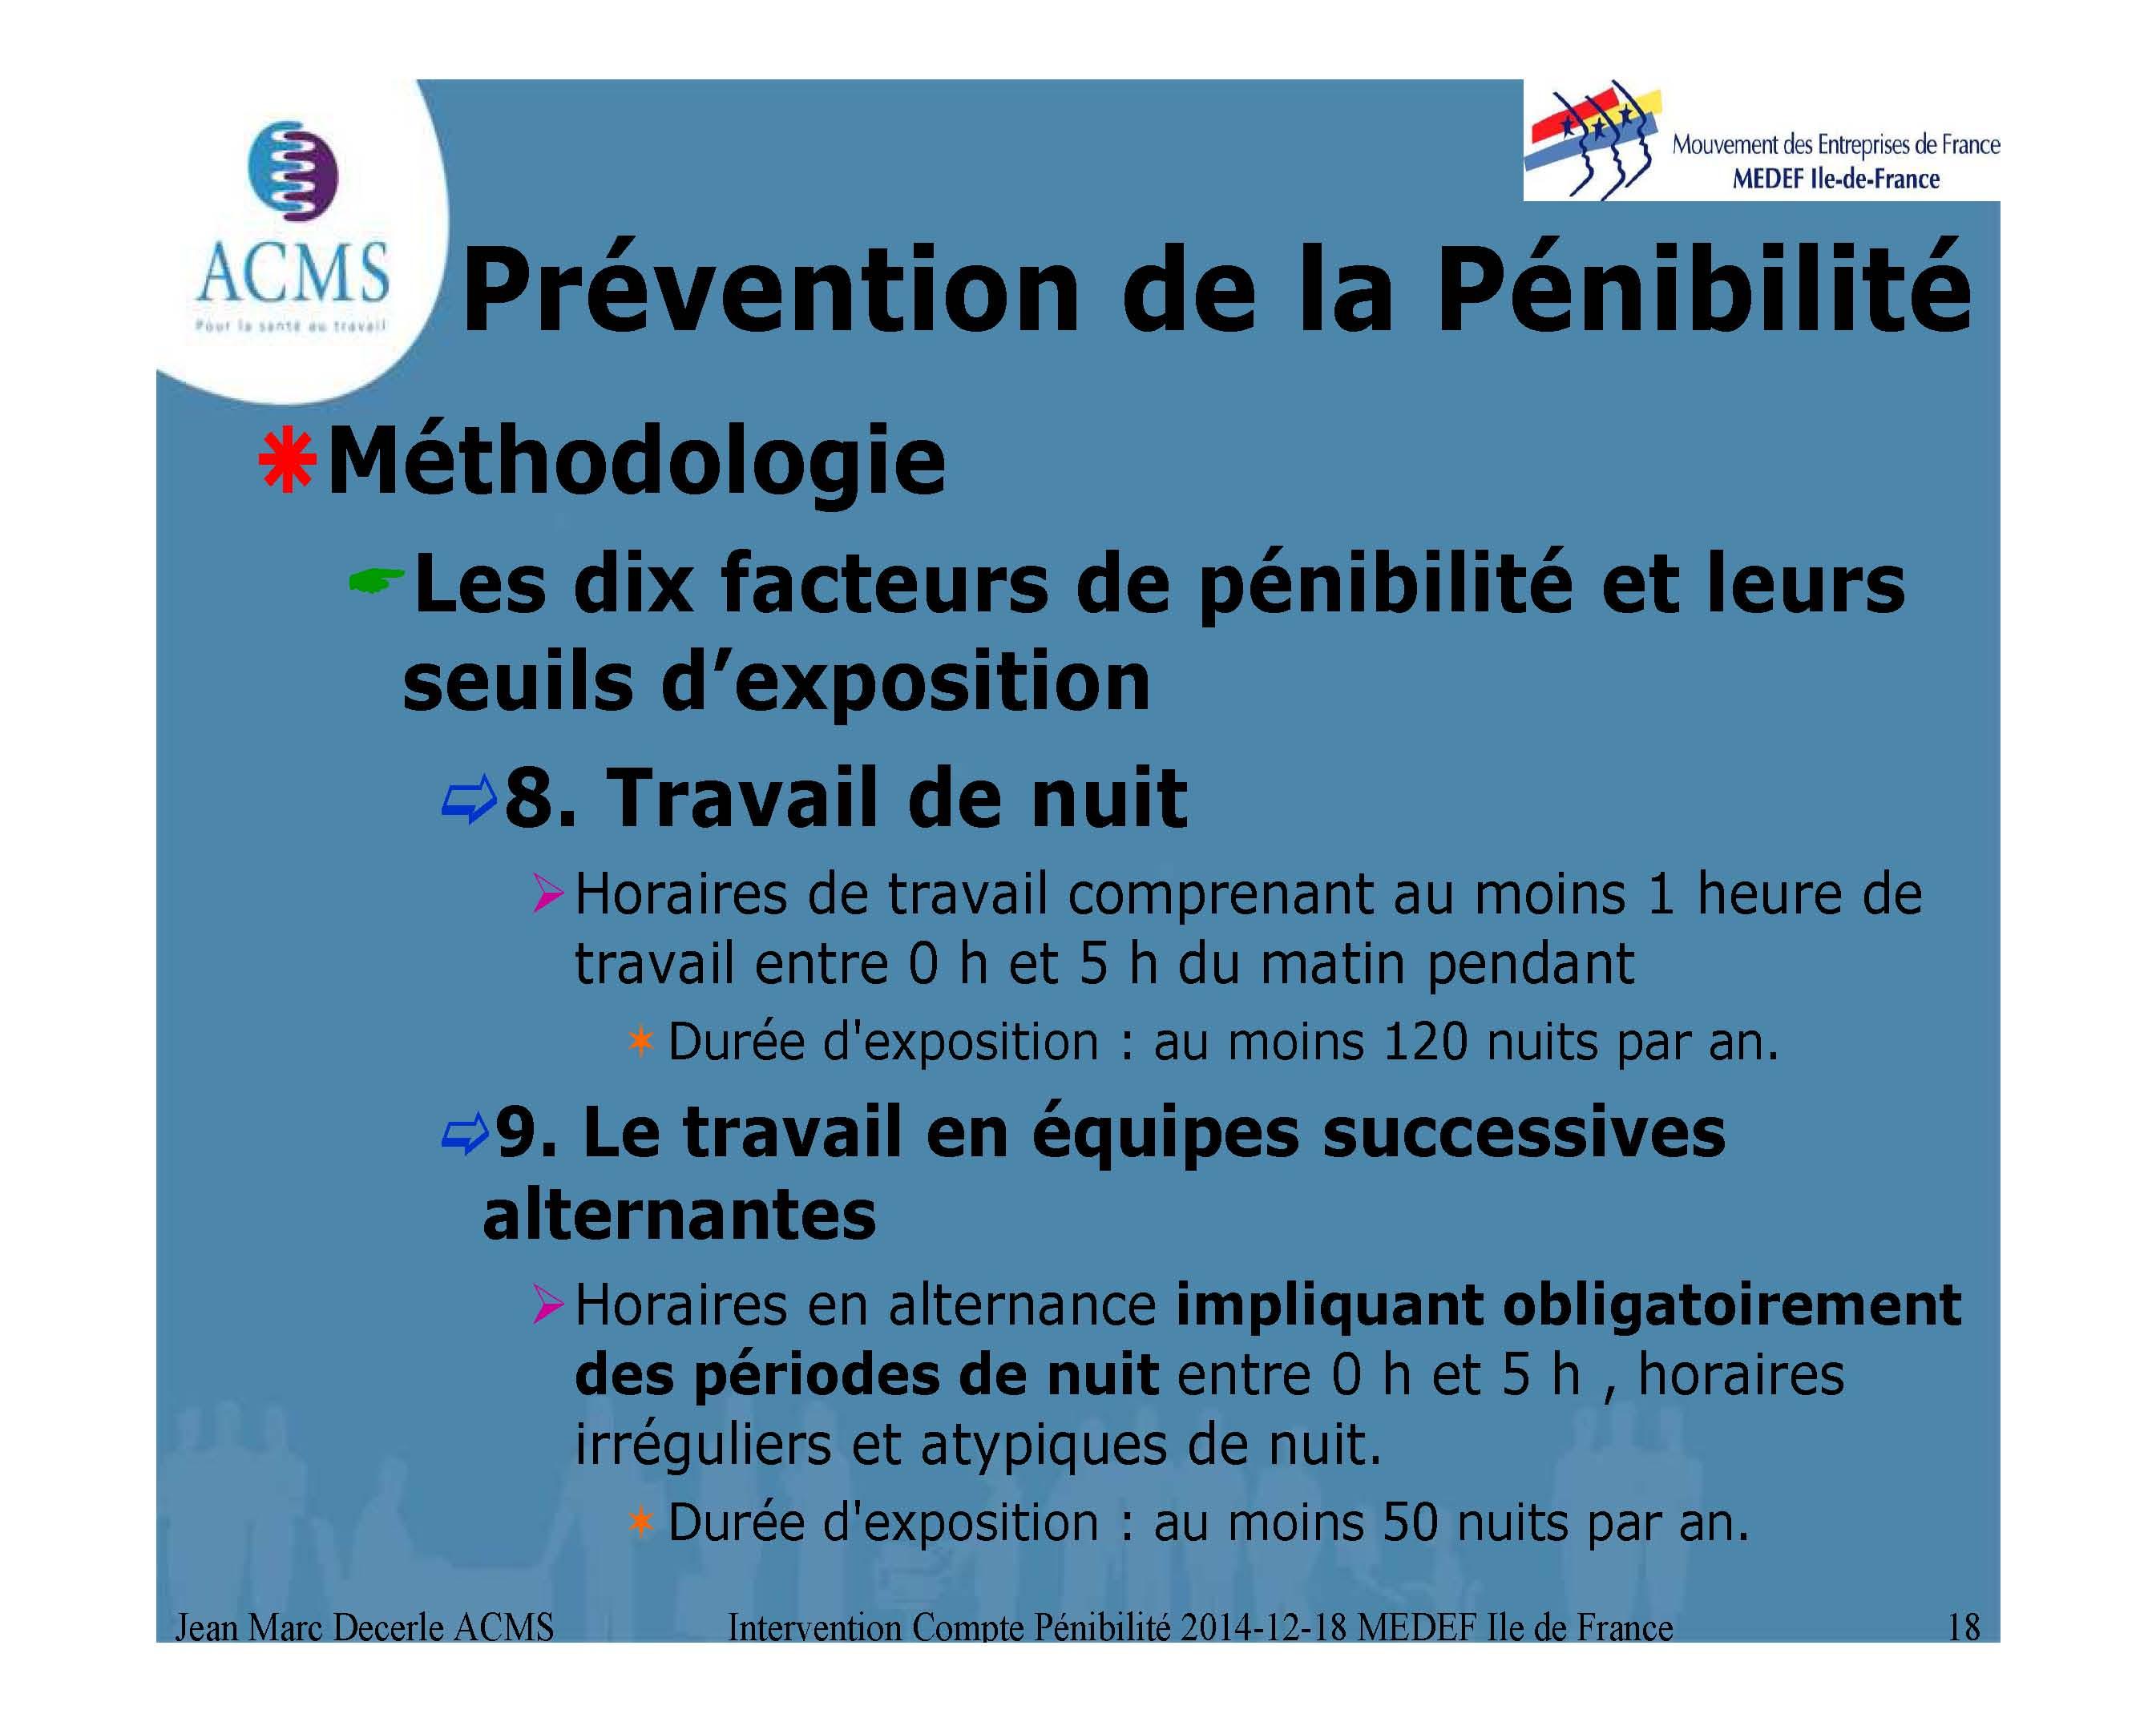 2014-12-18 Compte Pénibilite MEDEF Ile de France_Page_18